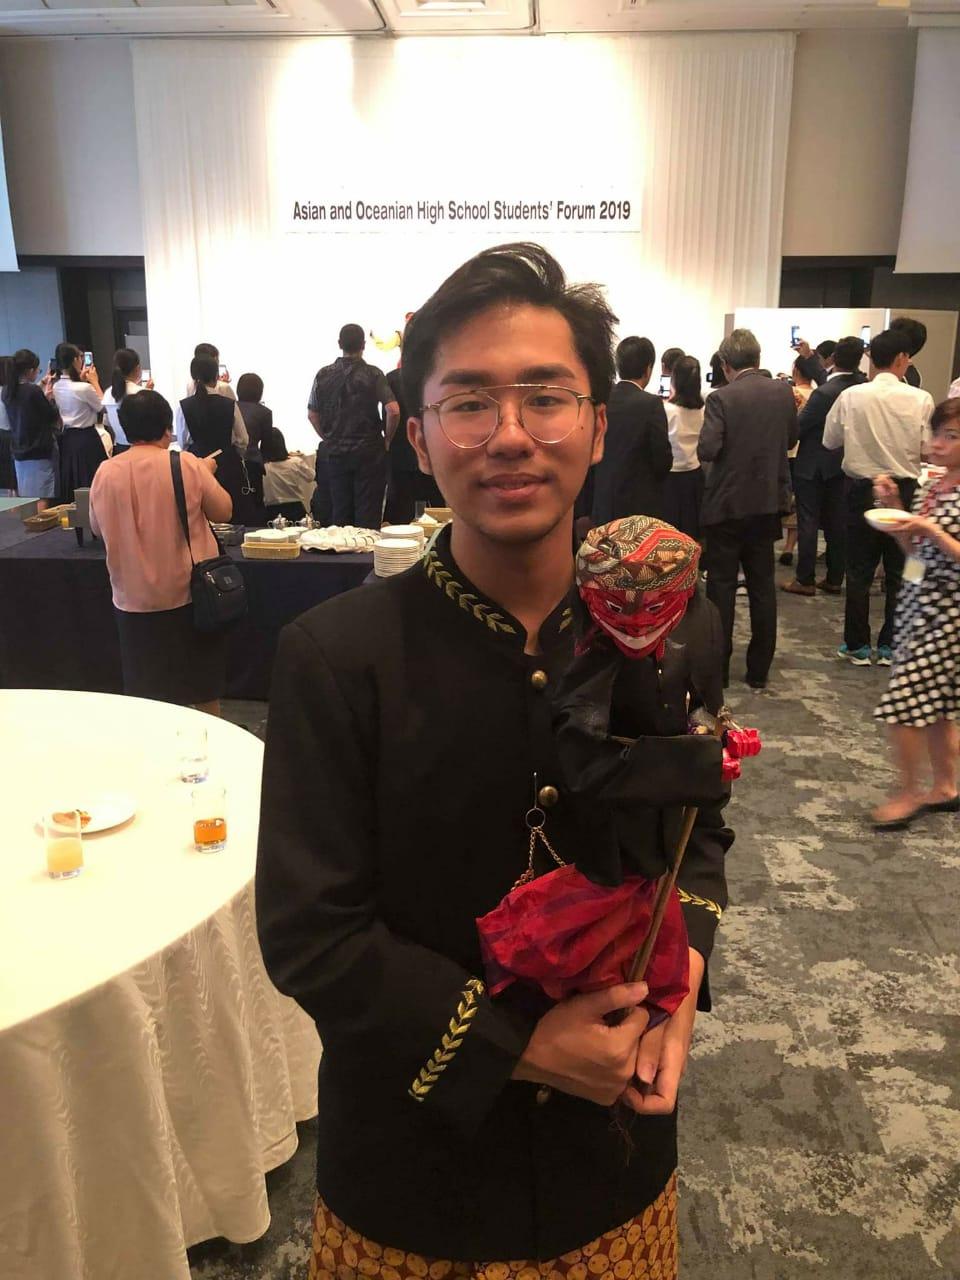 Nicklaus Daniel Yulio Tedjanegara memamerkan wayang golek khas Indonesia